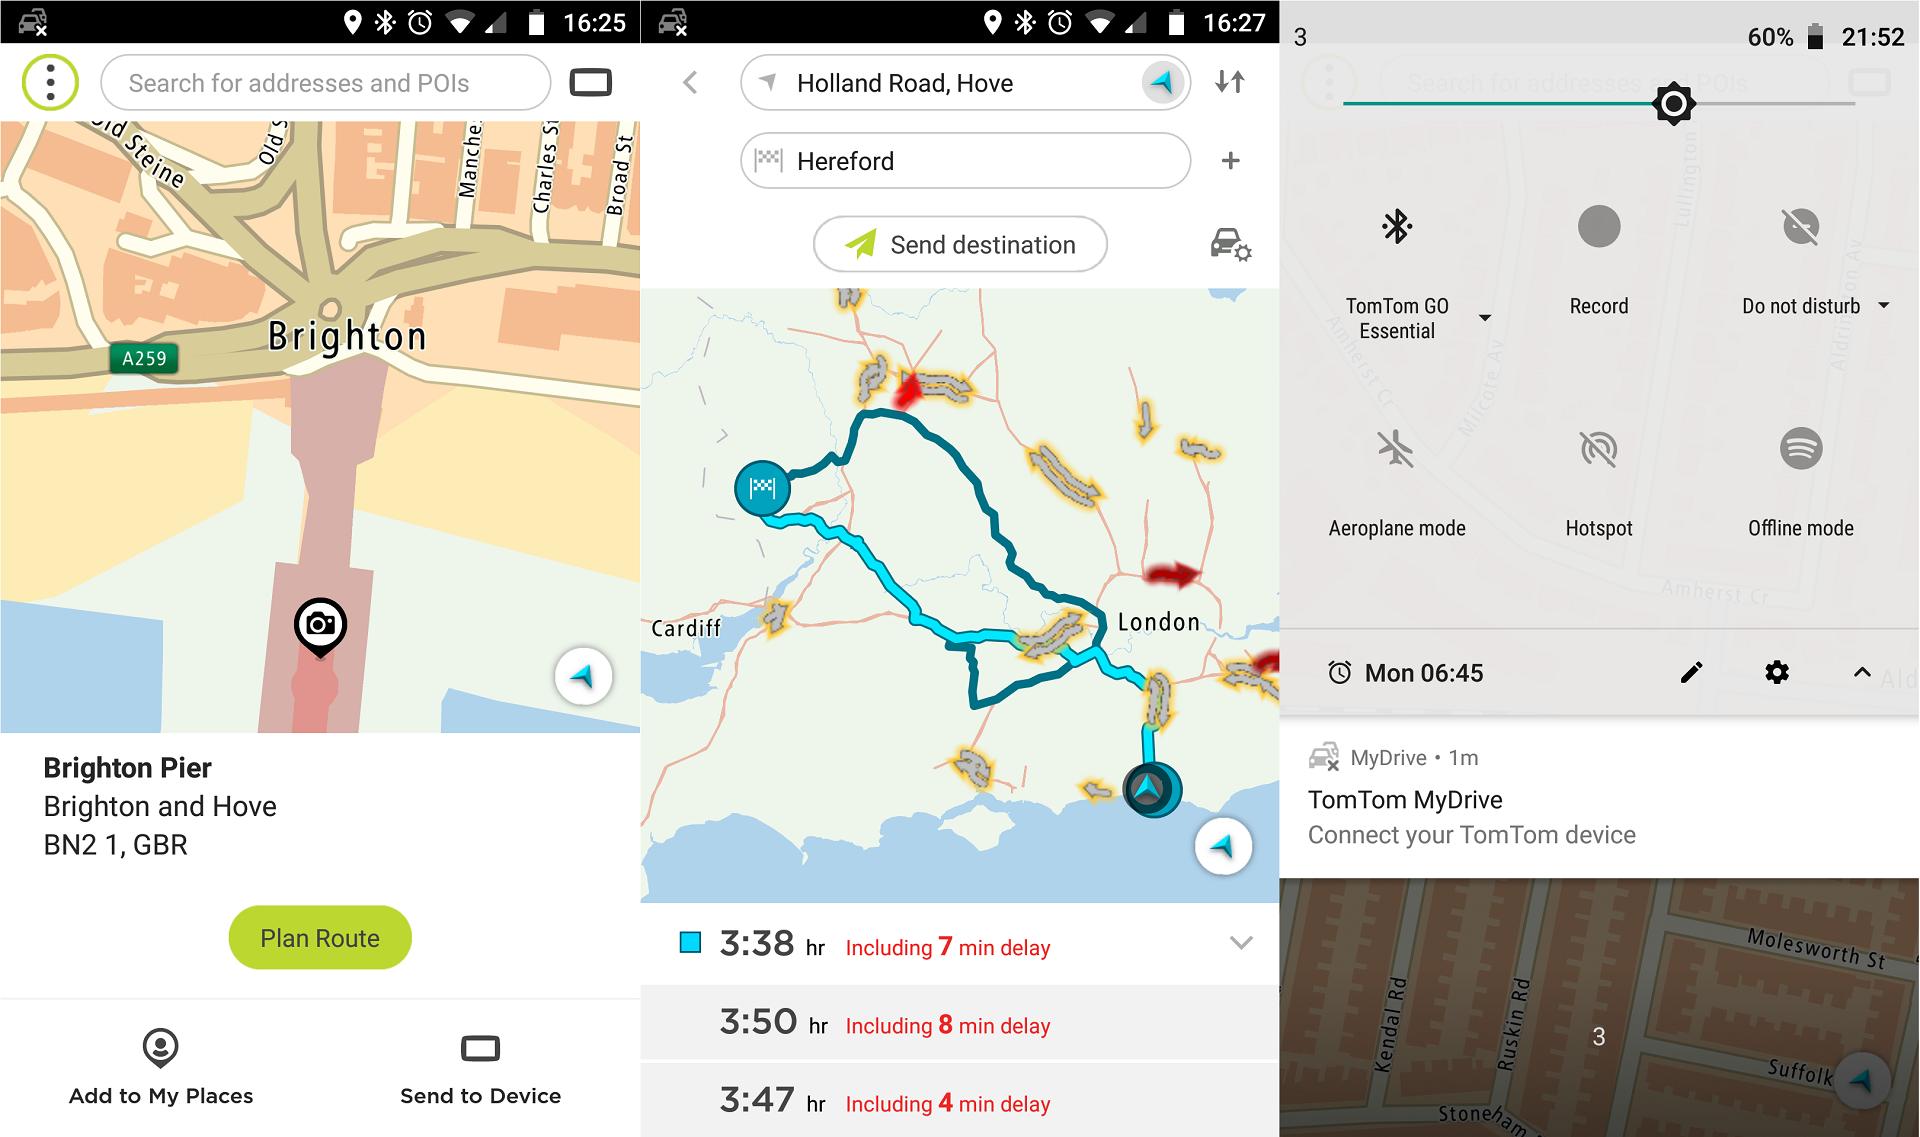 Tres pantallas de Android de TomTom MyDrive, que muestran un destino, una ruta y problemas con la conexión Bluetooth